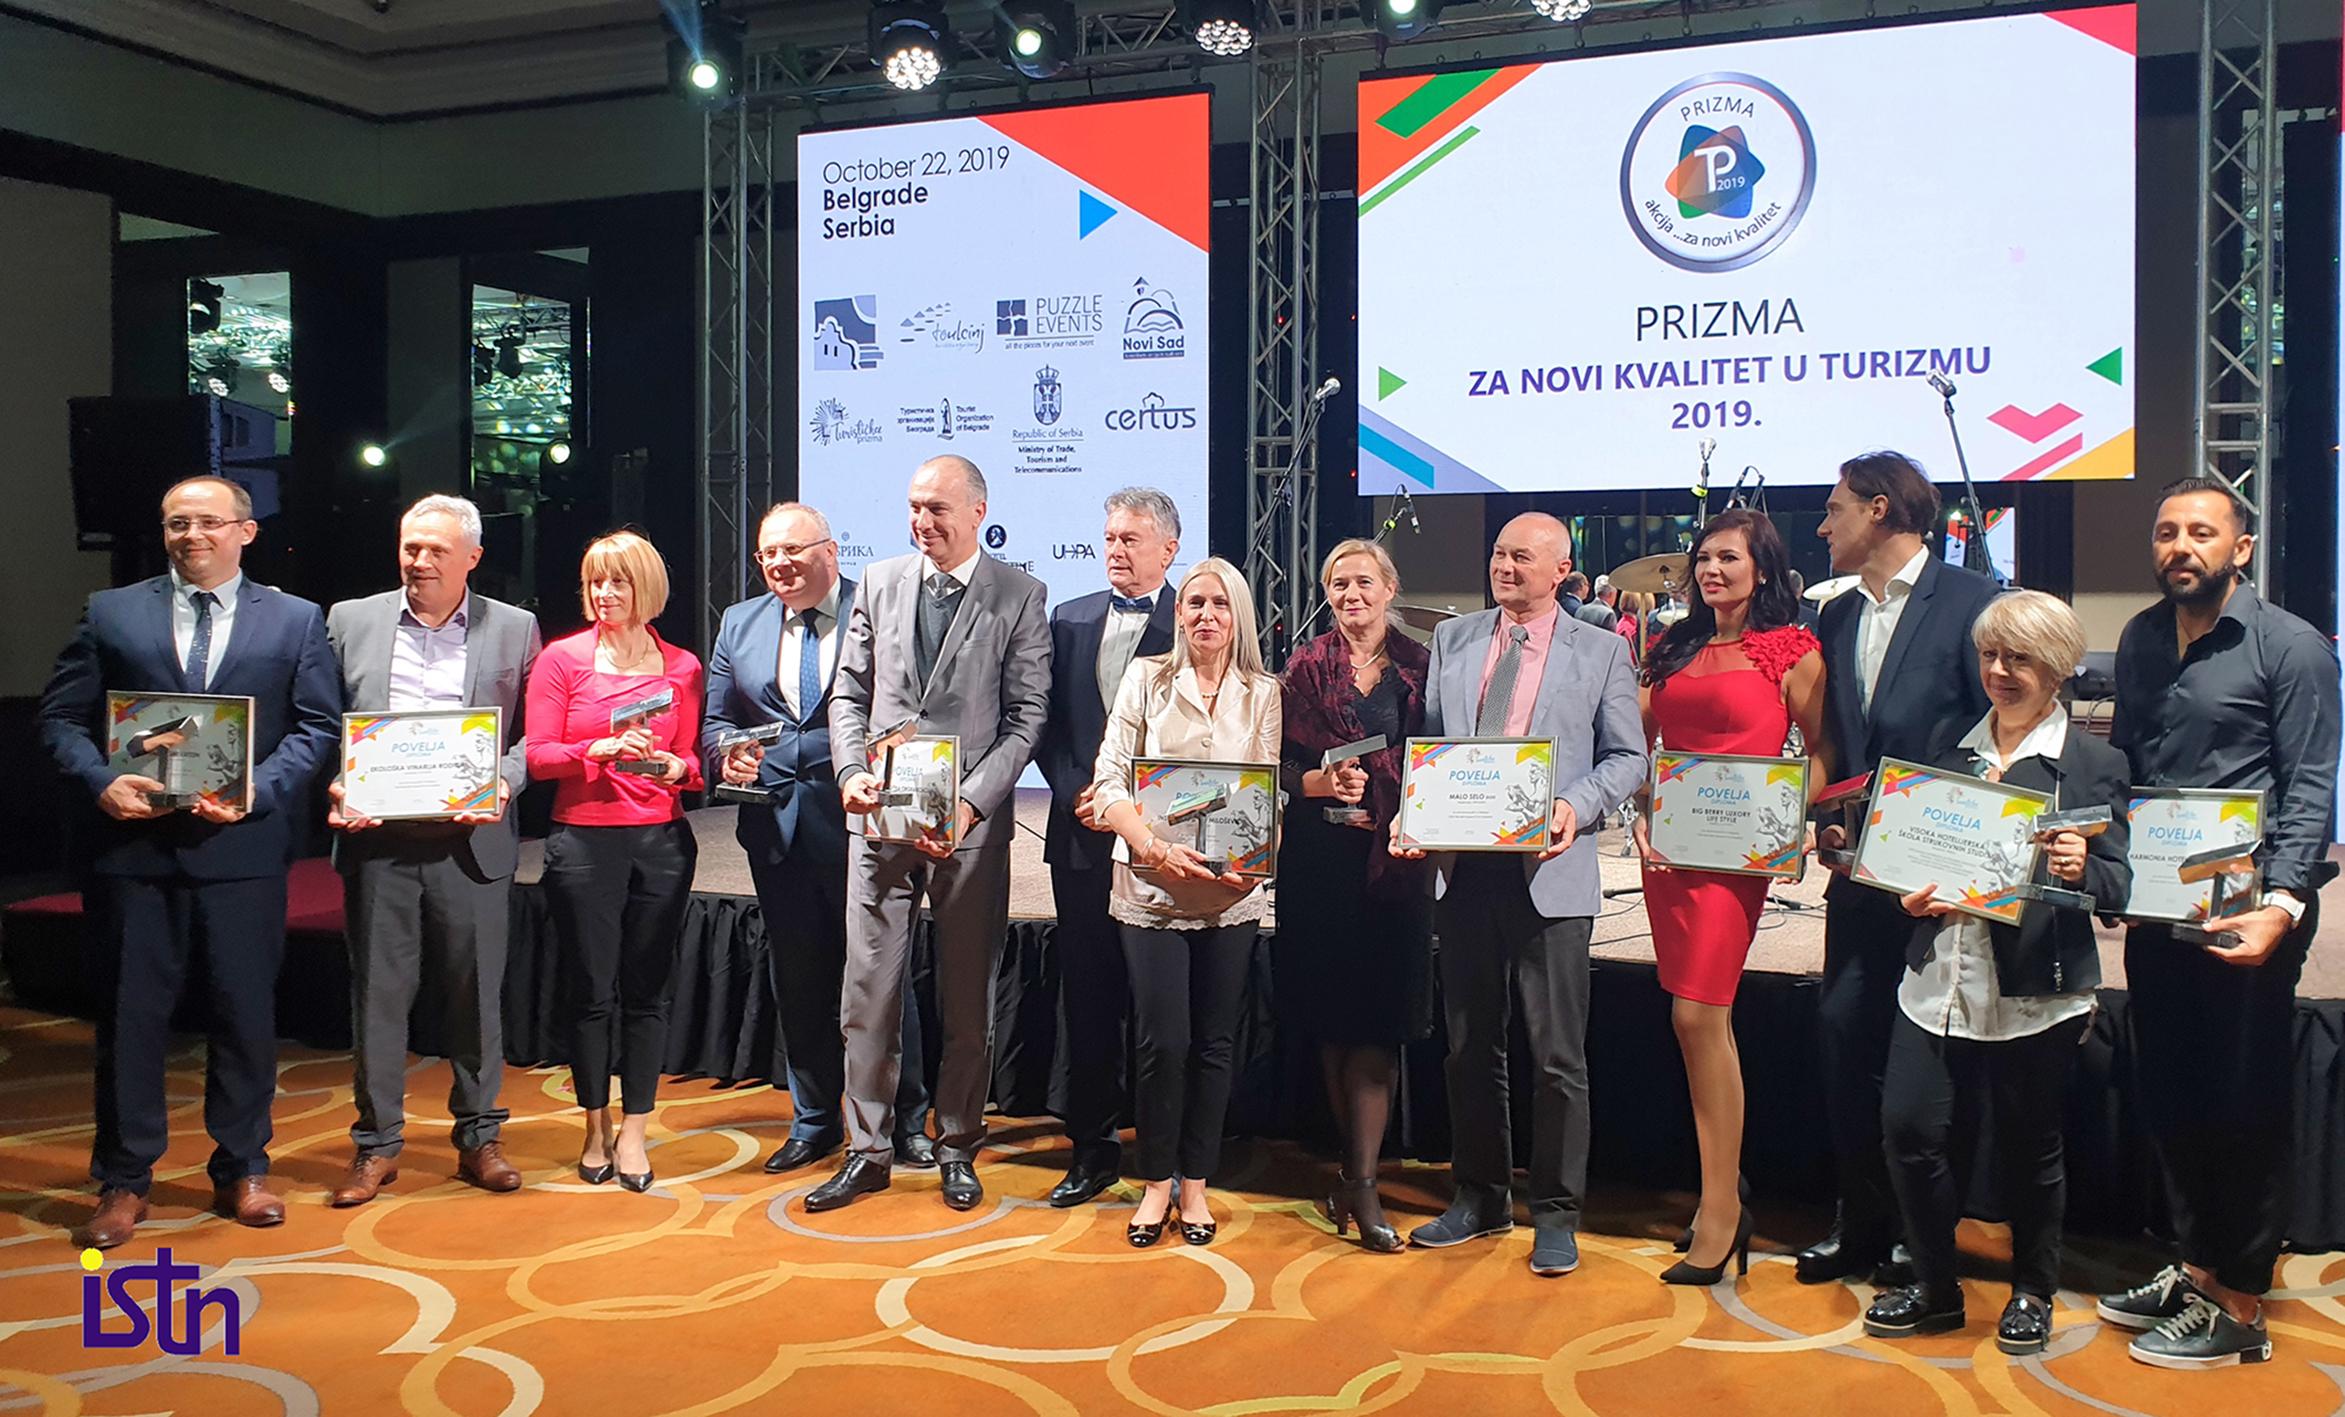 Dodela nagrade Turisticka prizma za novi kvalitet u turizmu 2019, ISTN